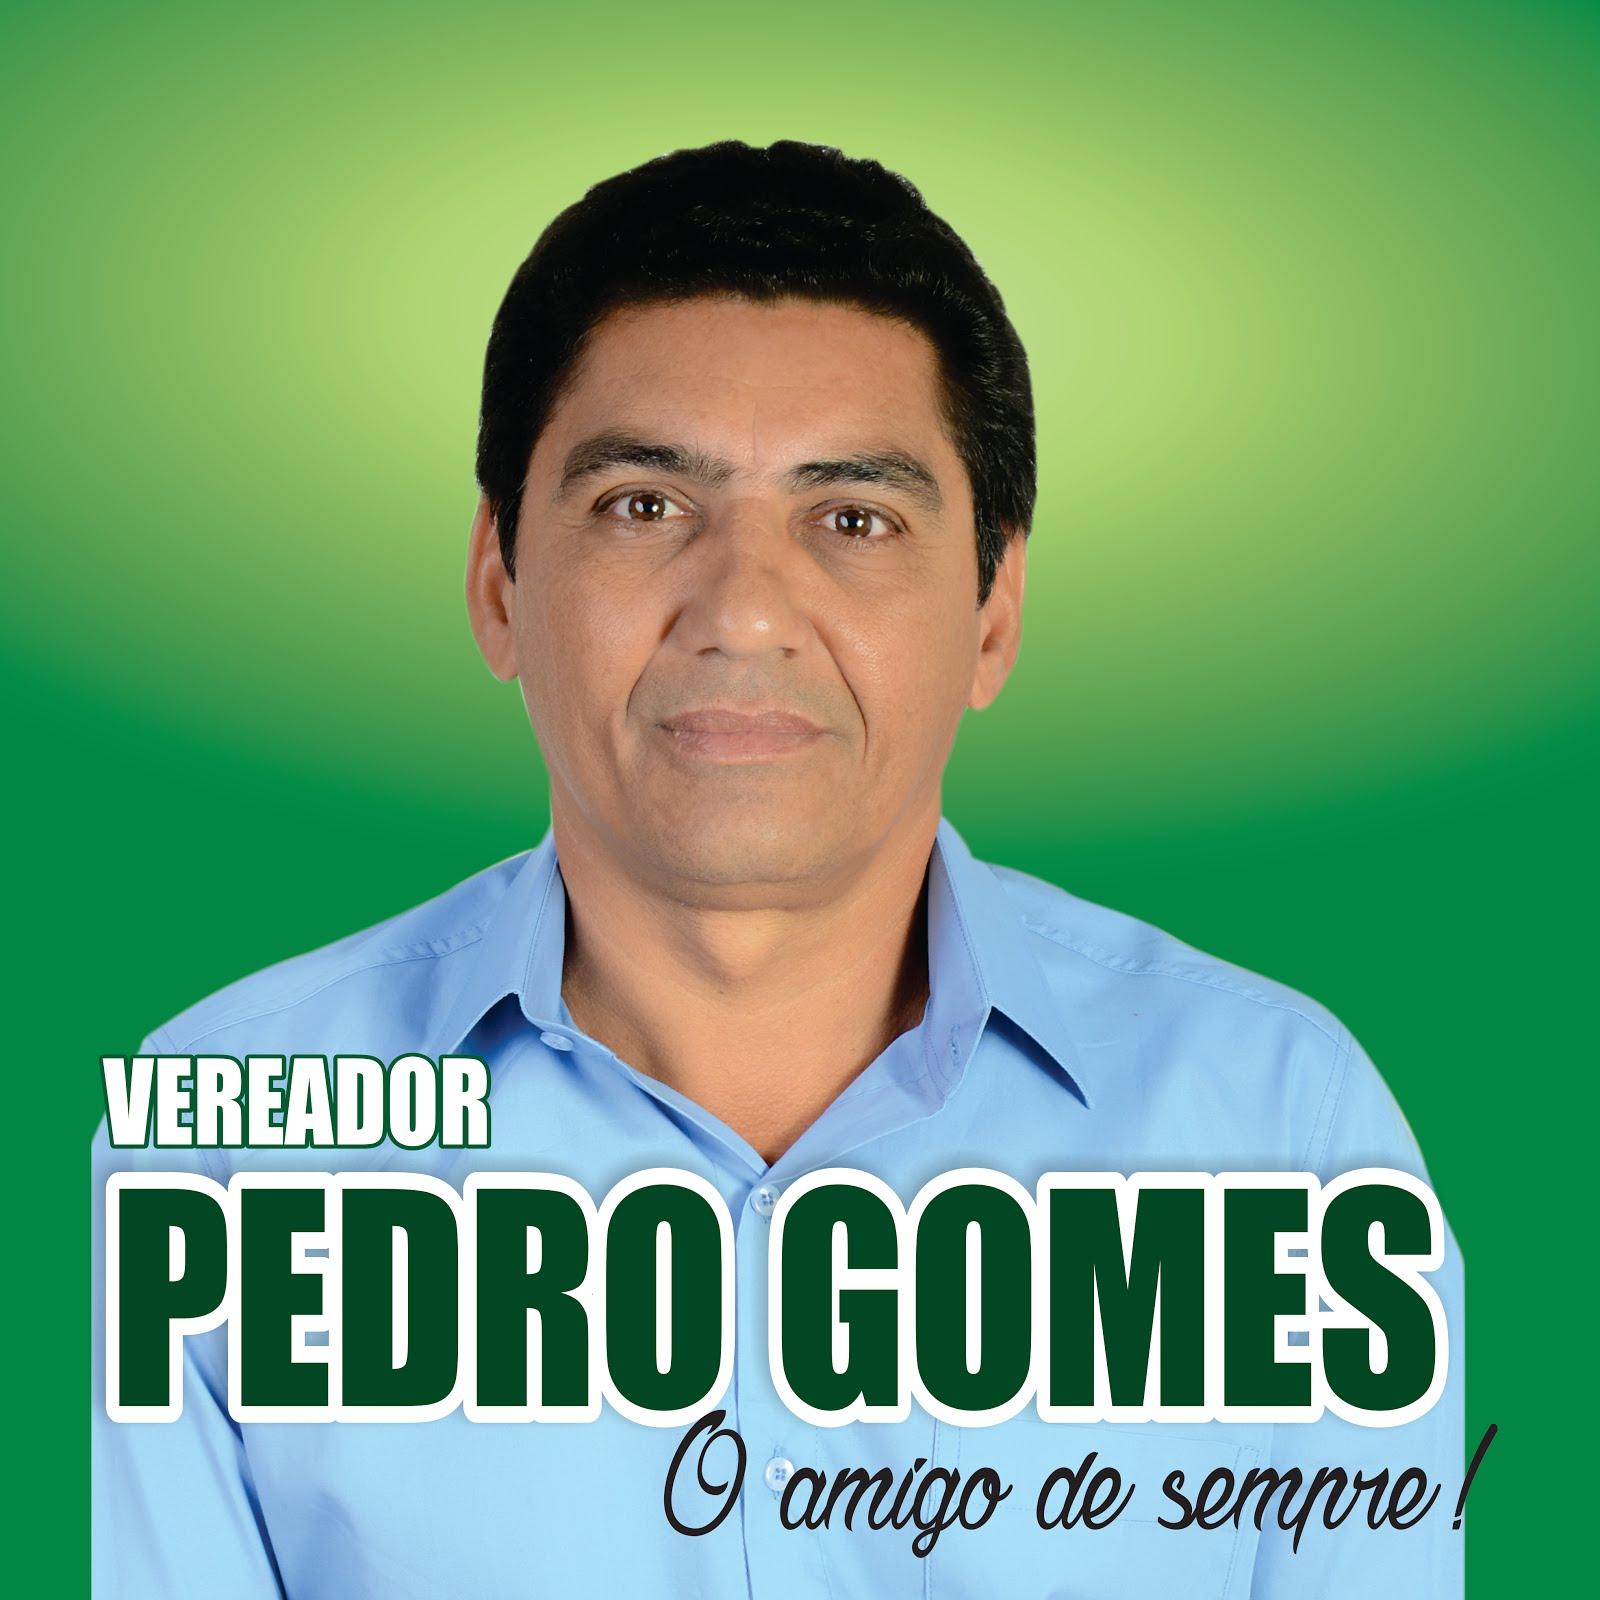 Ver. Pedro Gomes